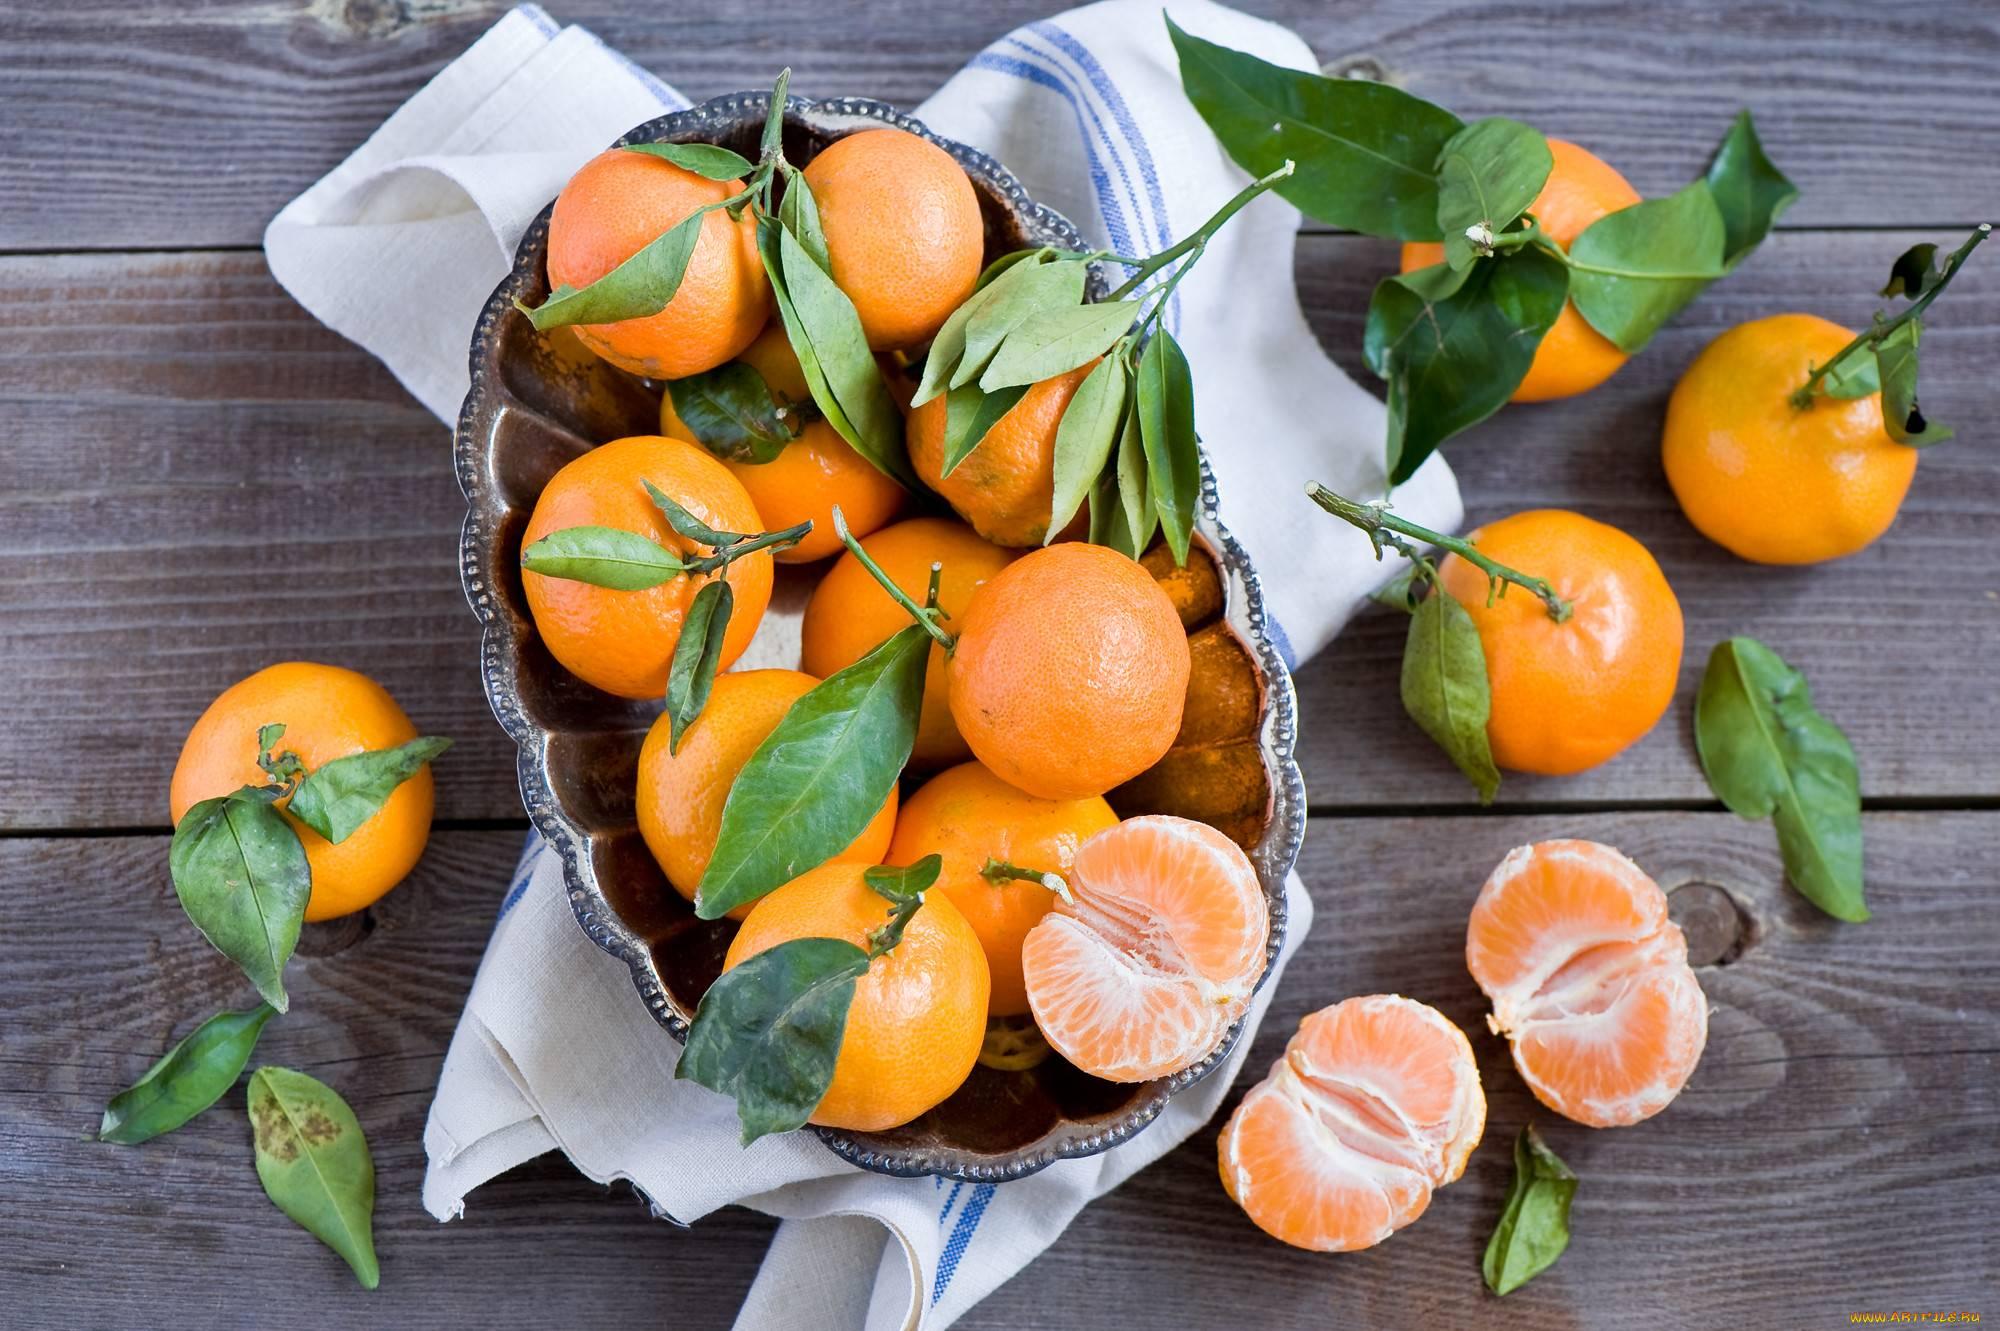 Кожура мандарина: польза, вред, применение